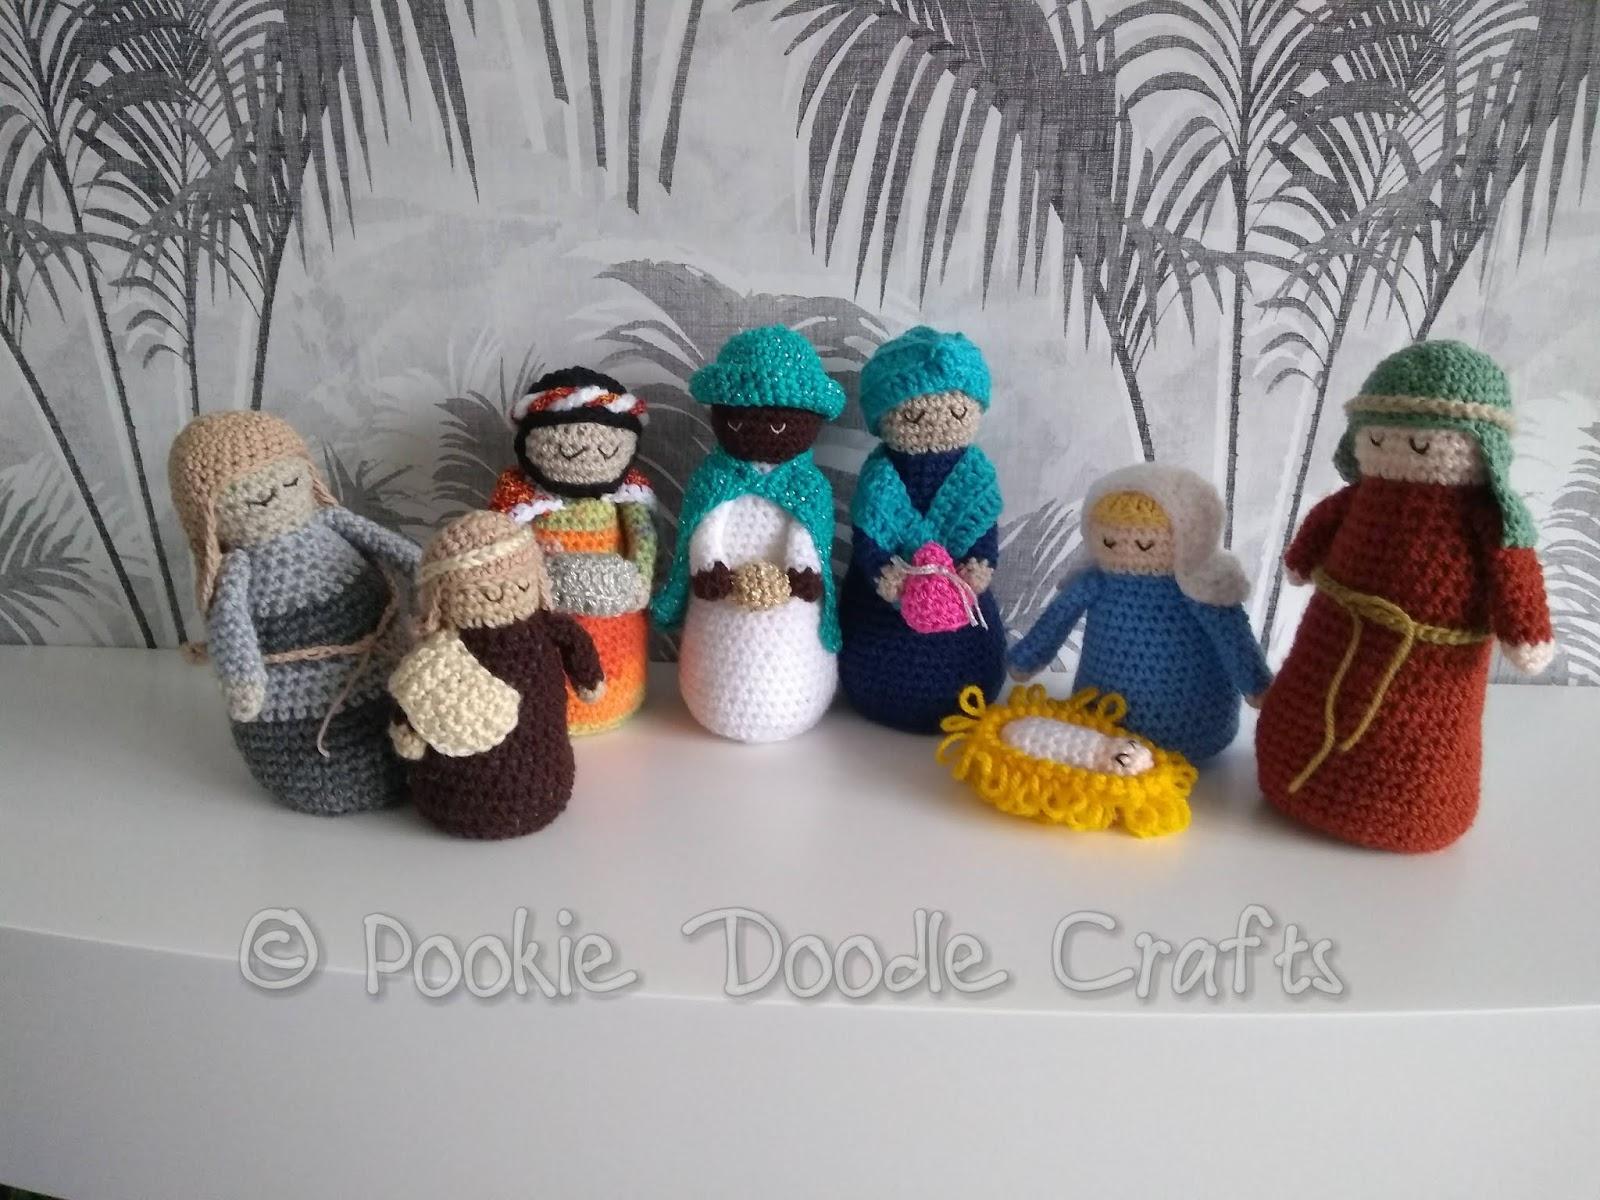 Crochet Nativity pattern on Newsstand – Cara Medus   1200x1600